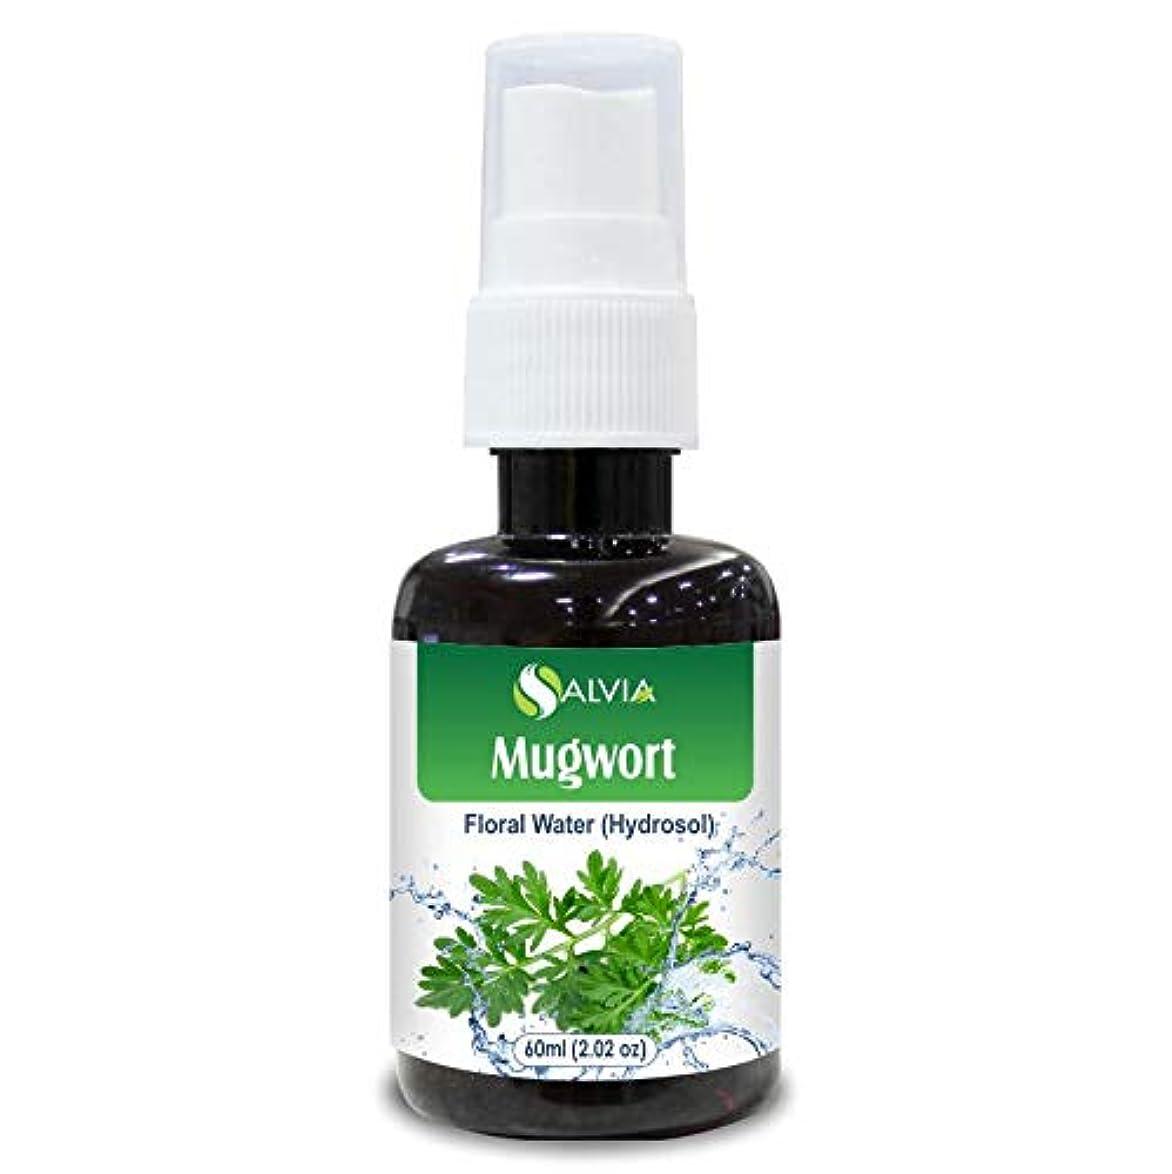 有用割れ目窓を洗うMugwort Floral Water 60ml (Hydrosol) 100% Pure And Natural